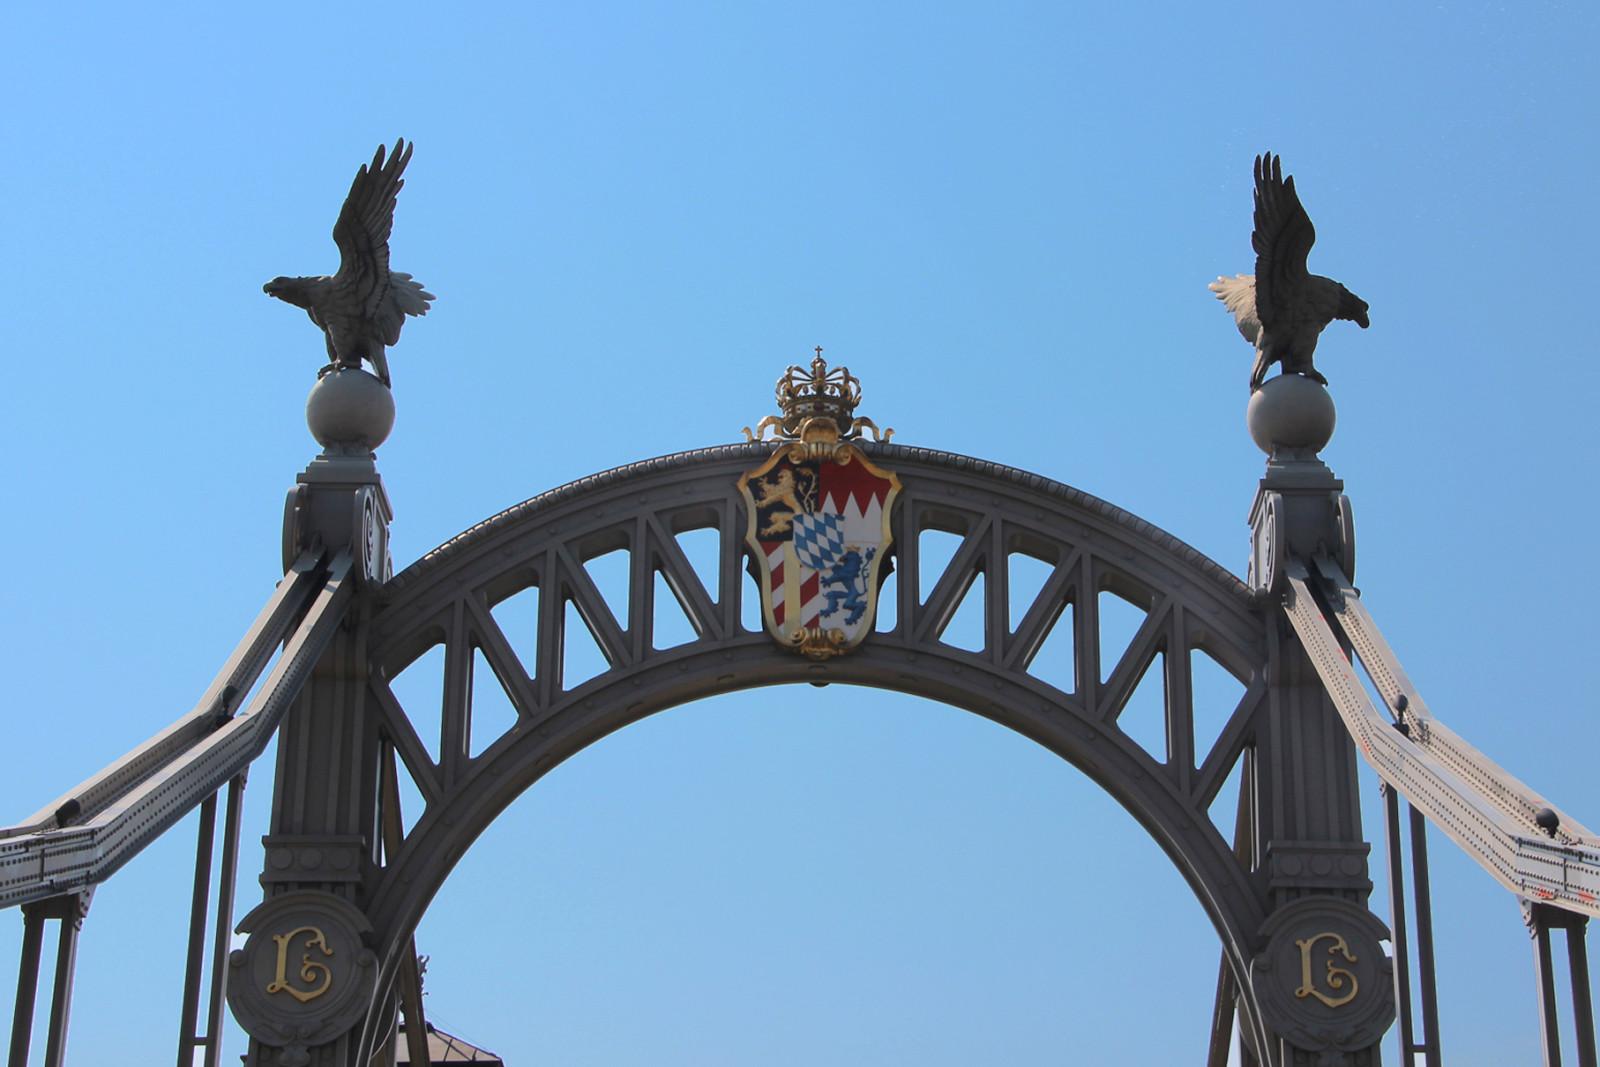 Das bayerische Wappen samt Krone.